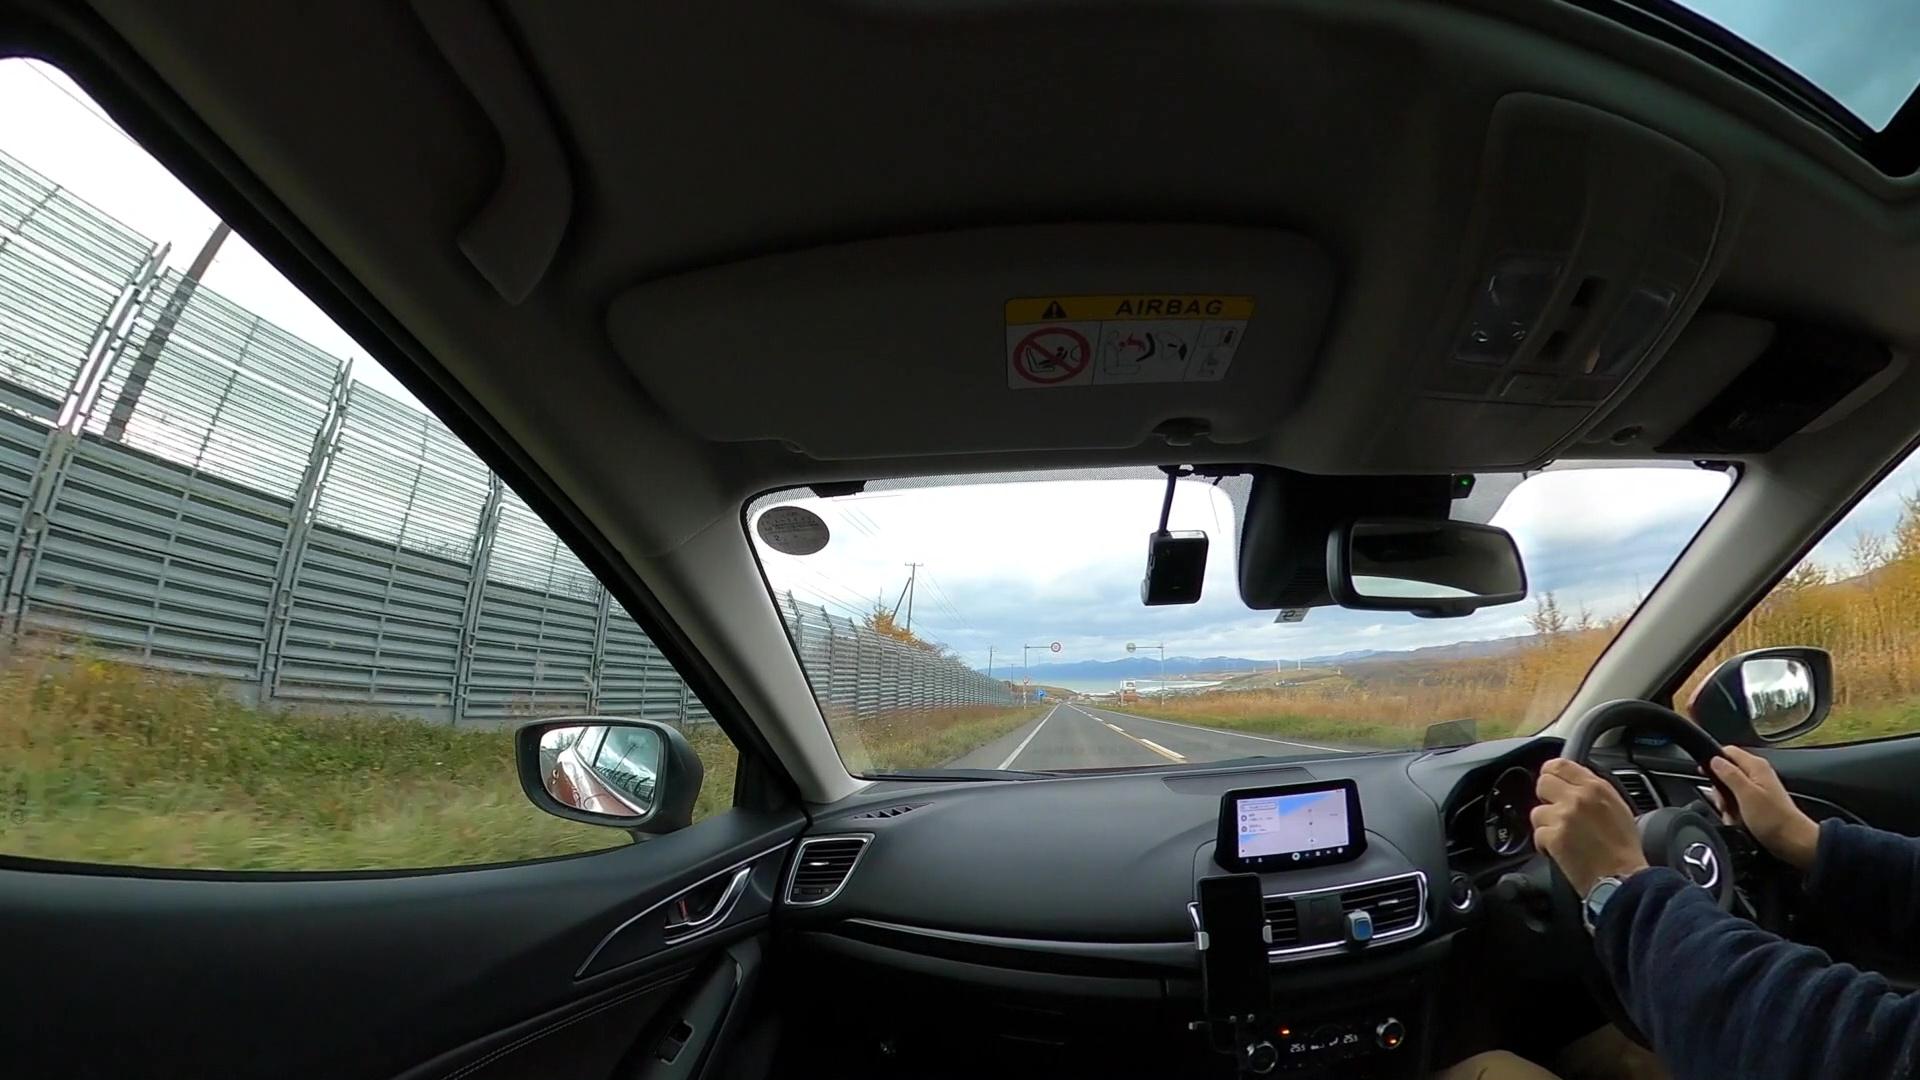 [動画]見晴らしのいい坂道をGoPro MAXで撮影